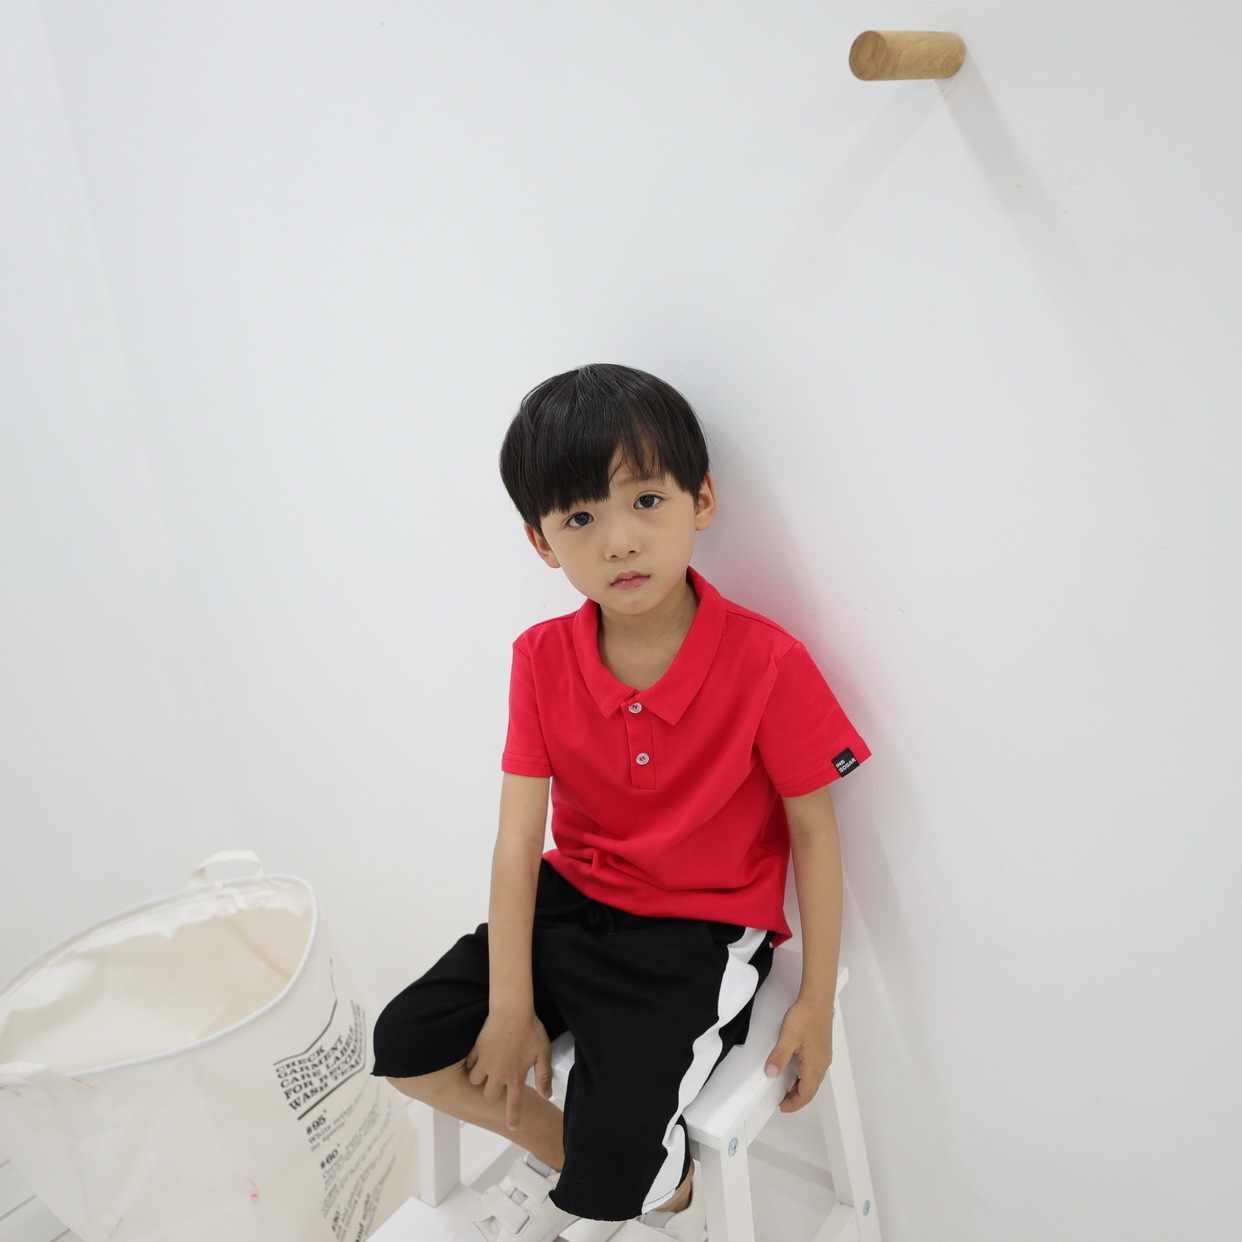 วันเกิด tee INS ฤดูร้อนแขนสั้นเสื้อโปโลเด็ก lapel ลำลองเสื้อยืดชายหญิงเด็กเสื้อผ้า